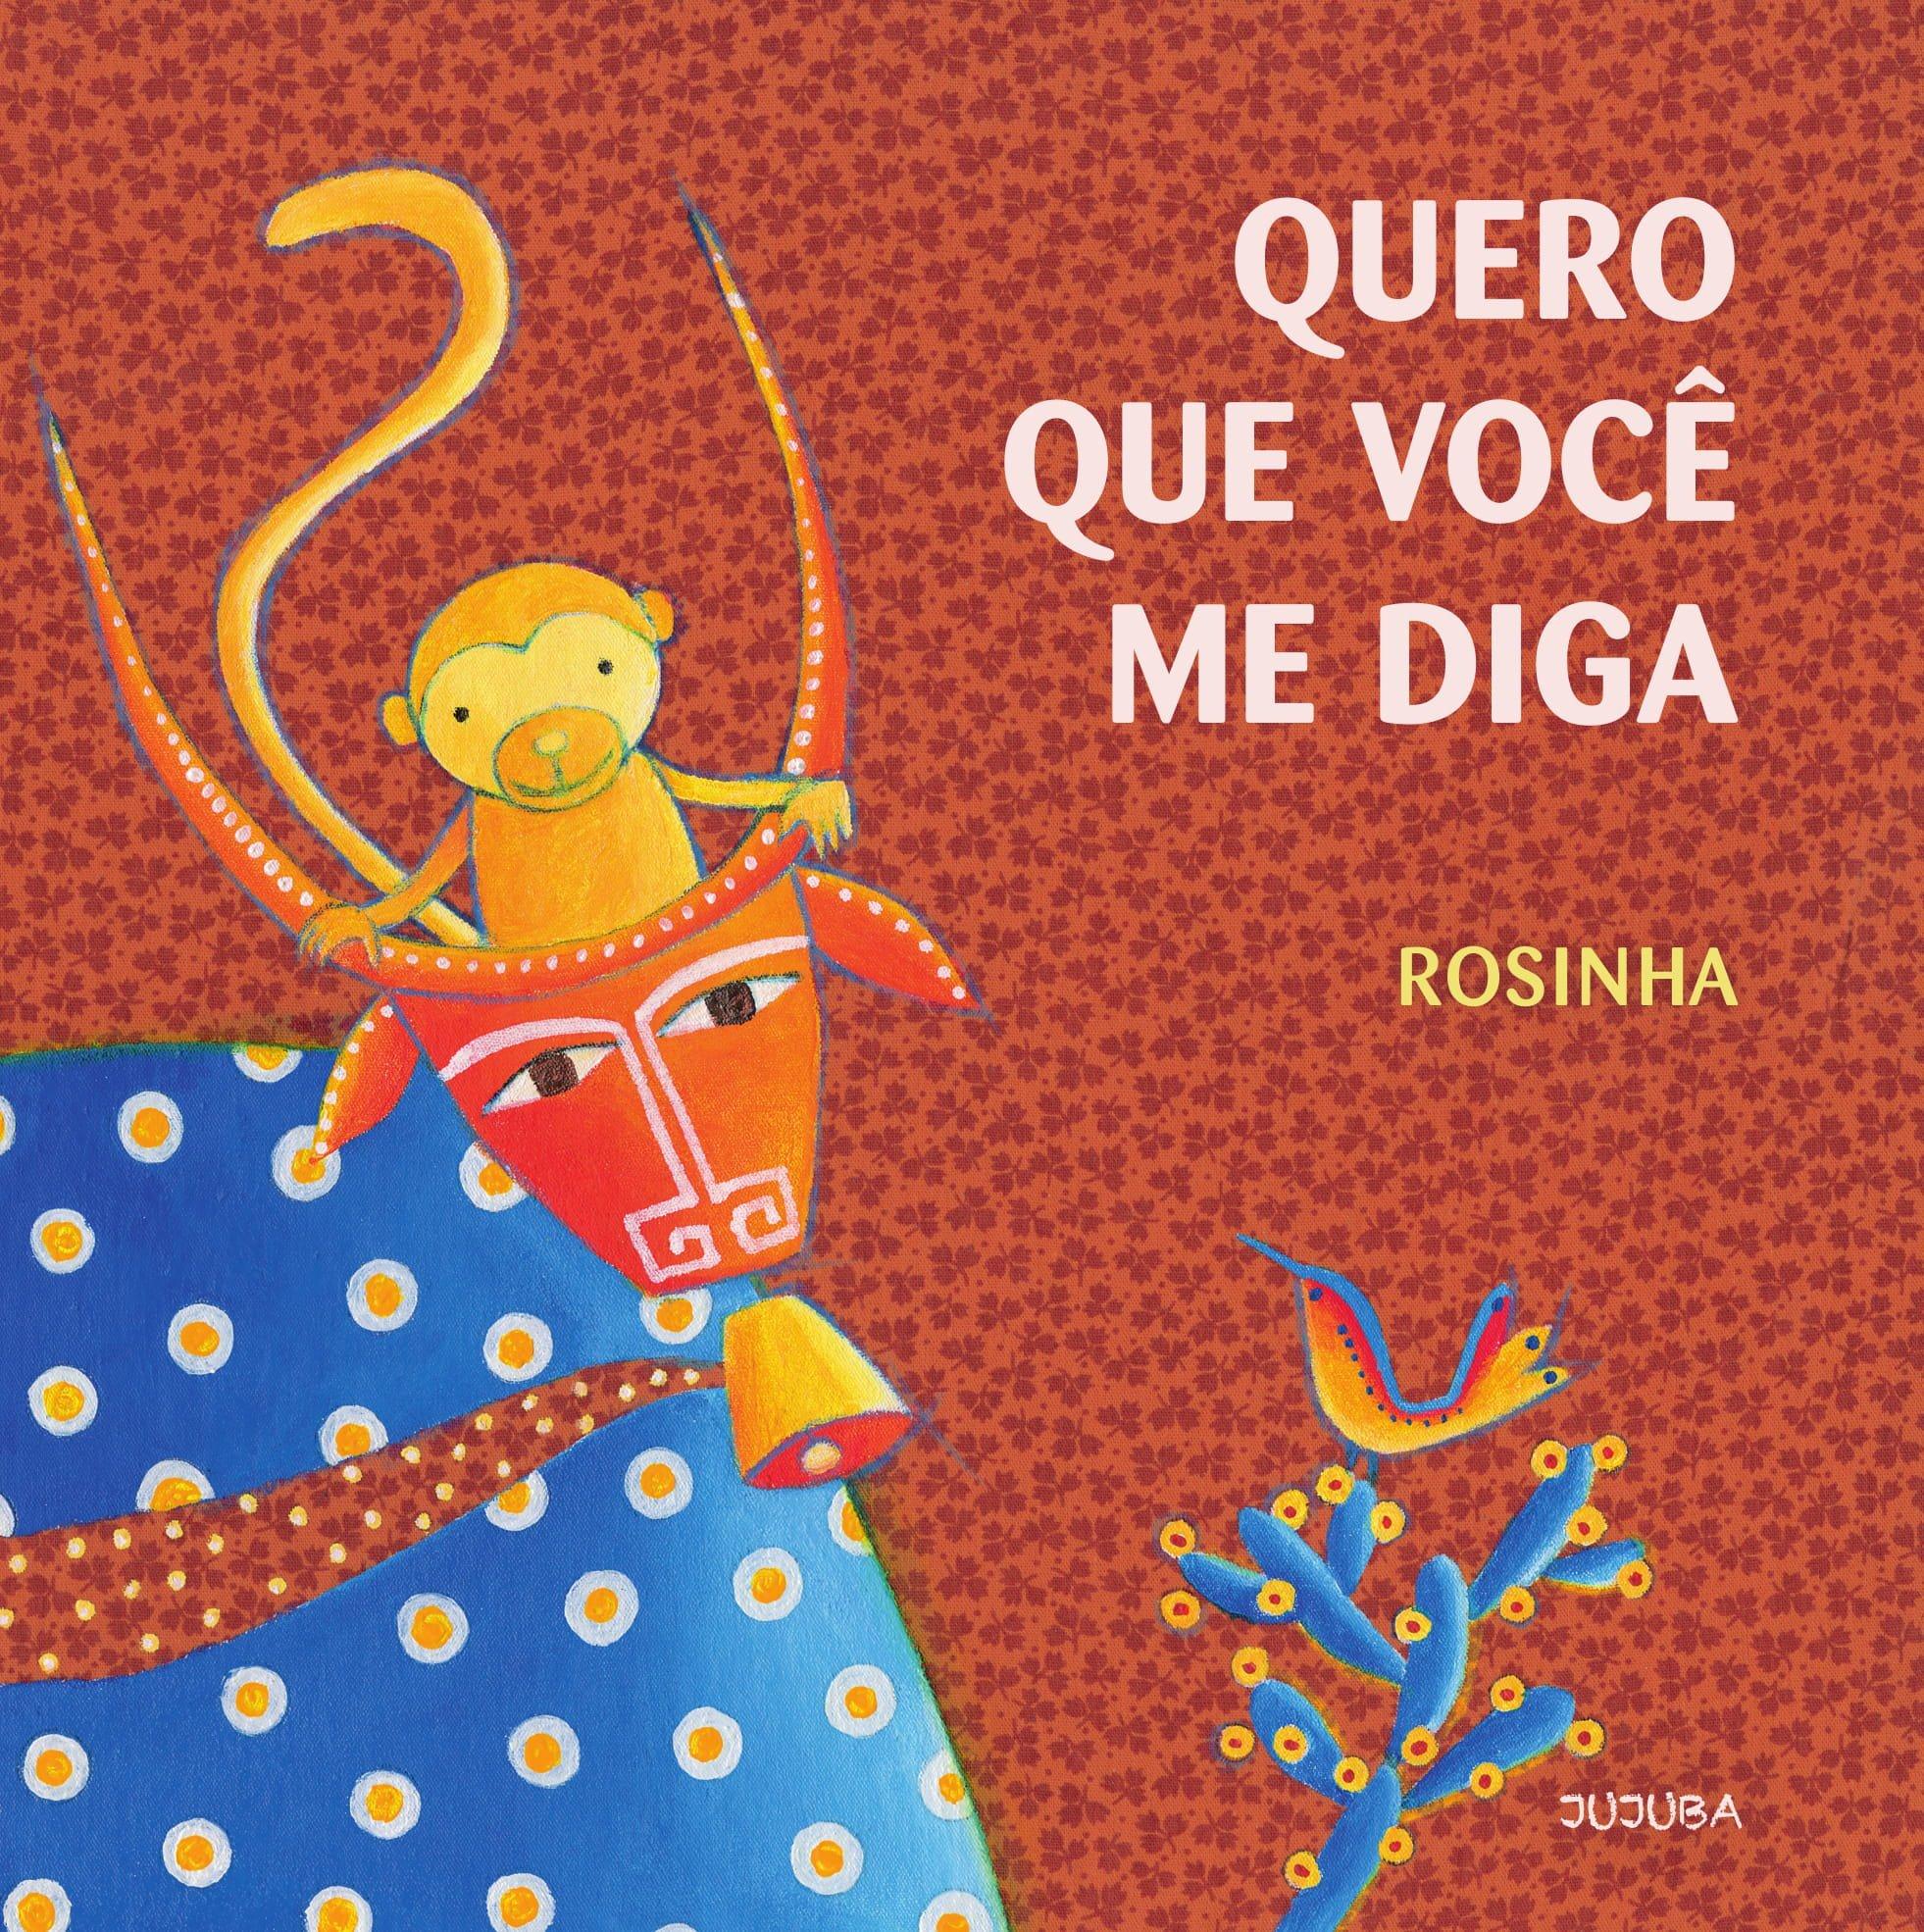 Quero que você me diga, livro de Rosinha